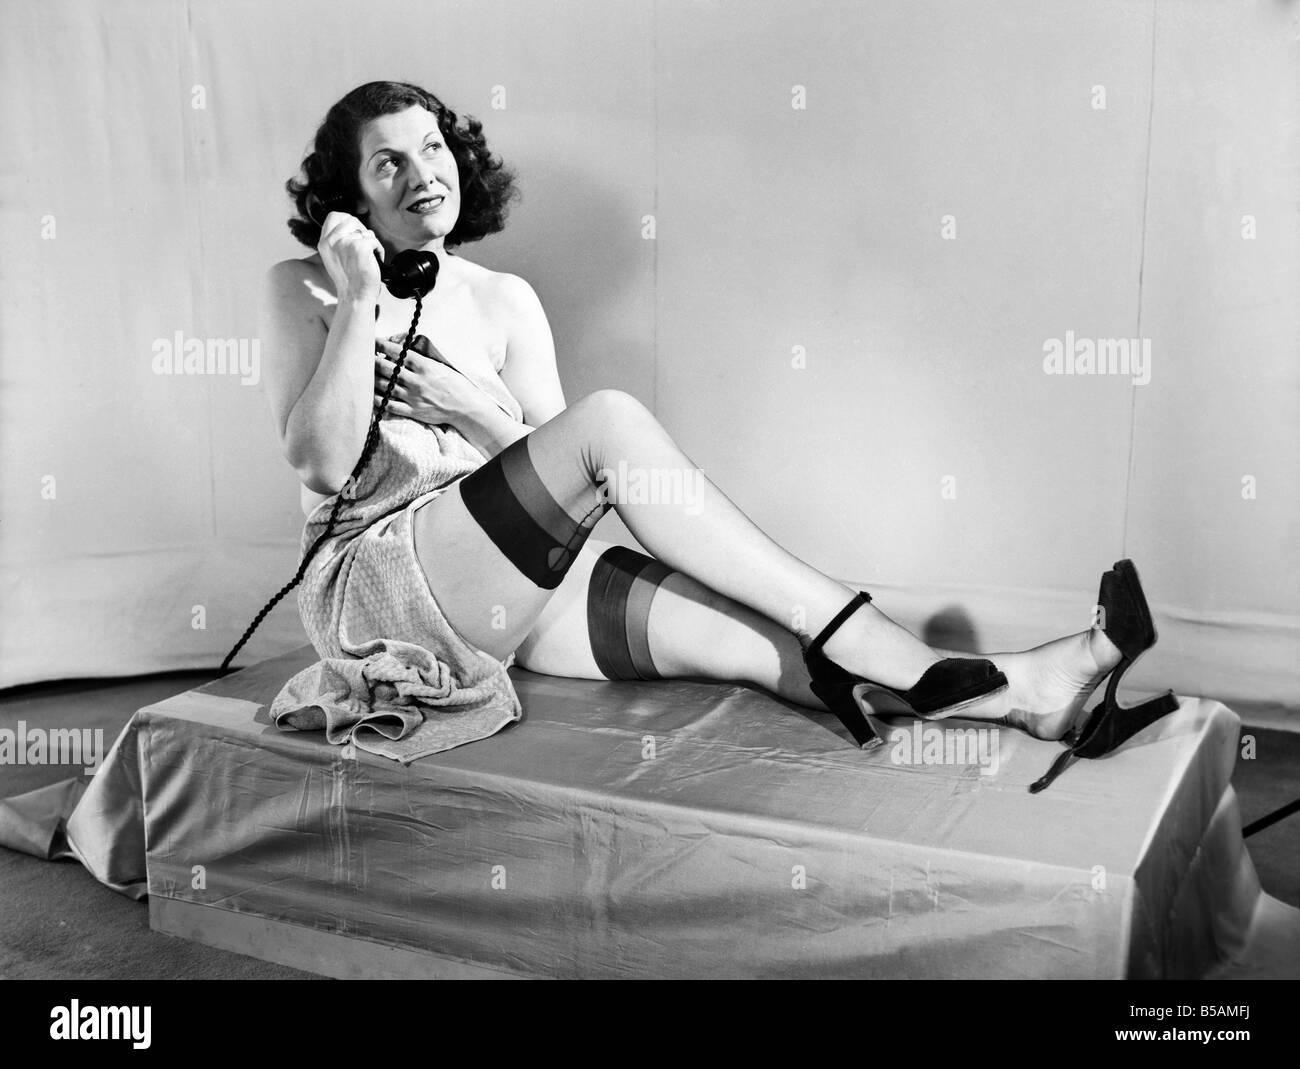 Ladies Wearing Stockings And Suspenders